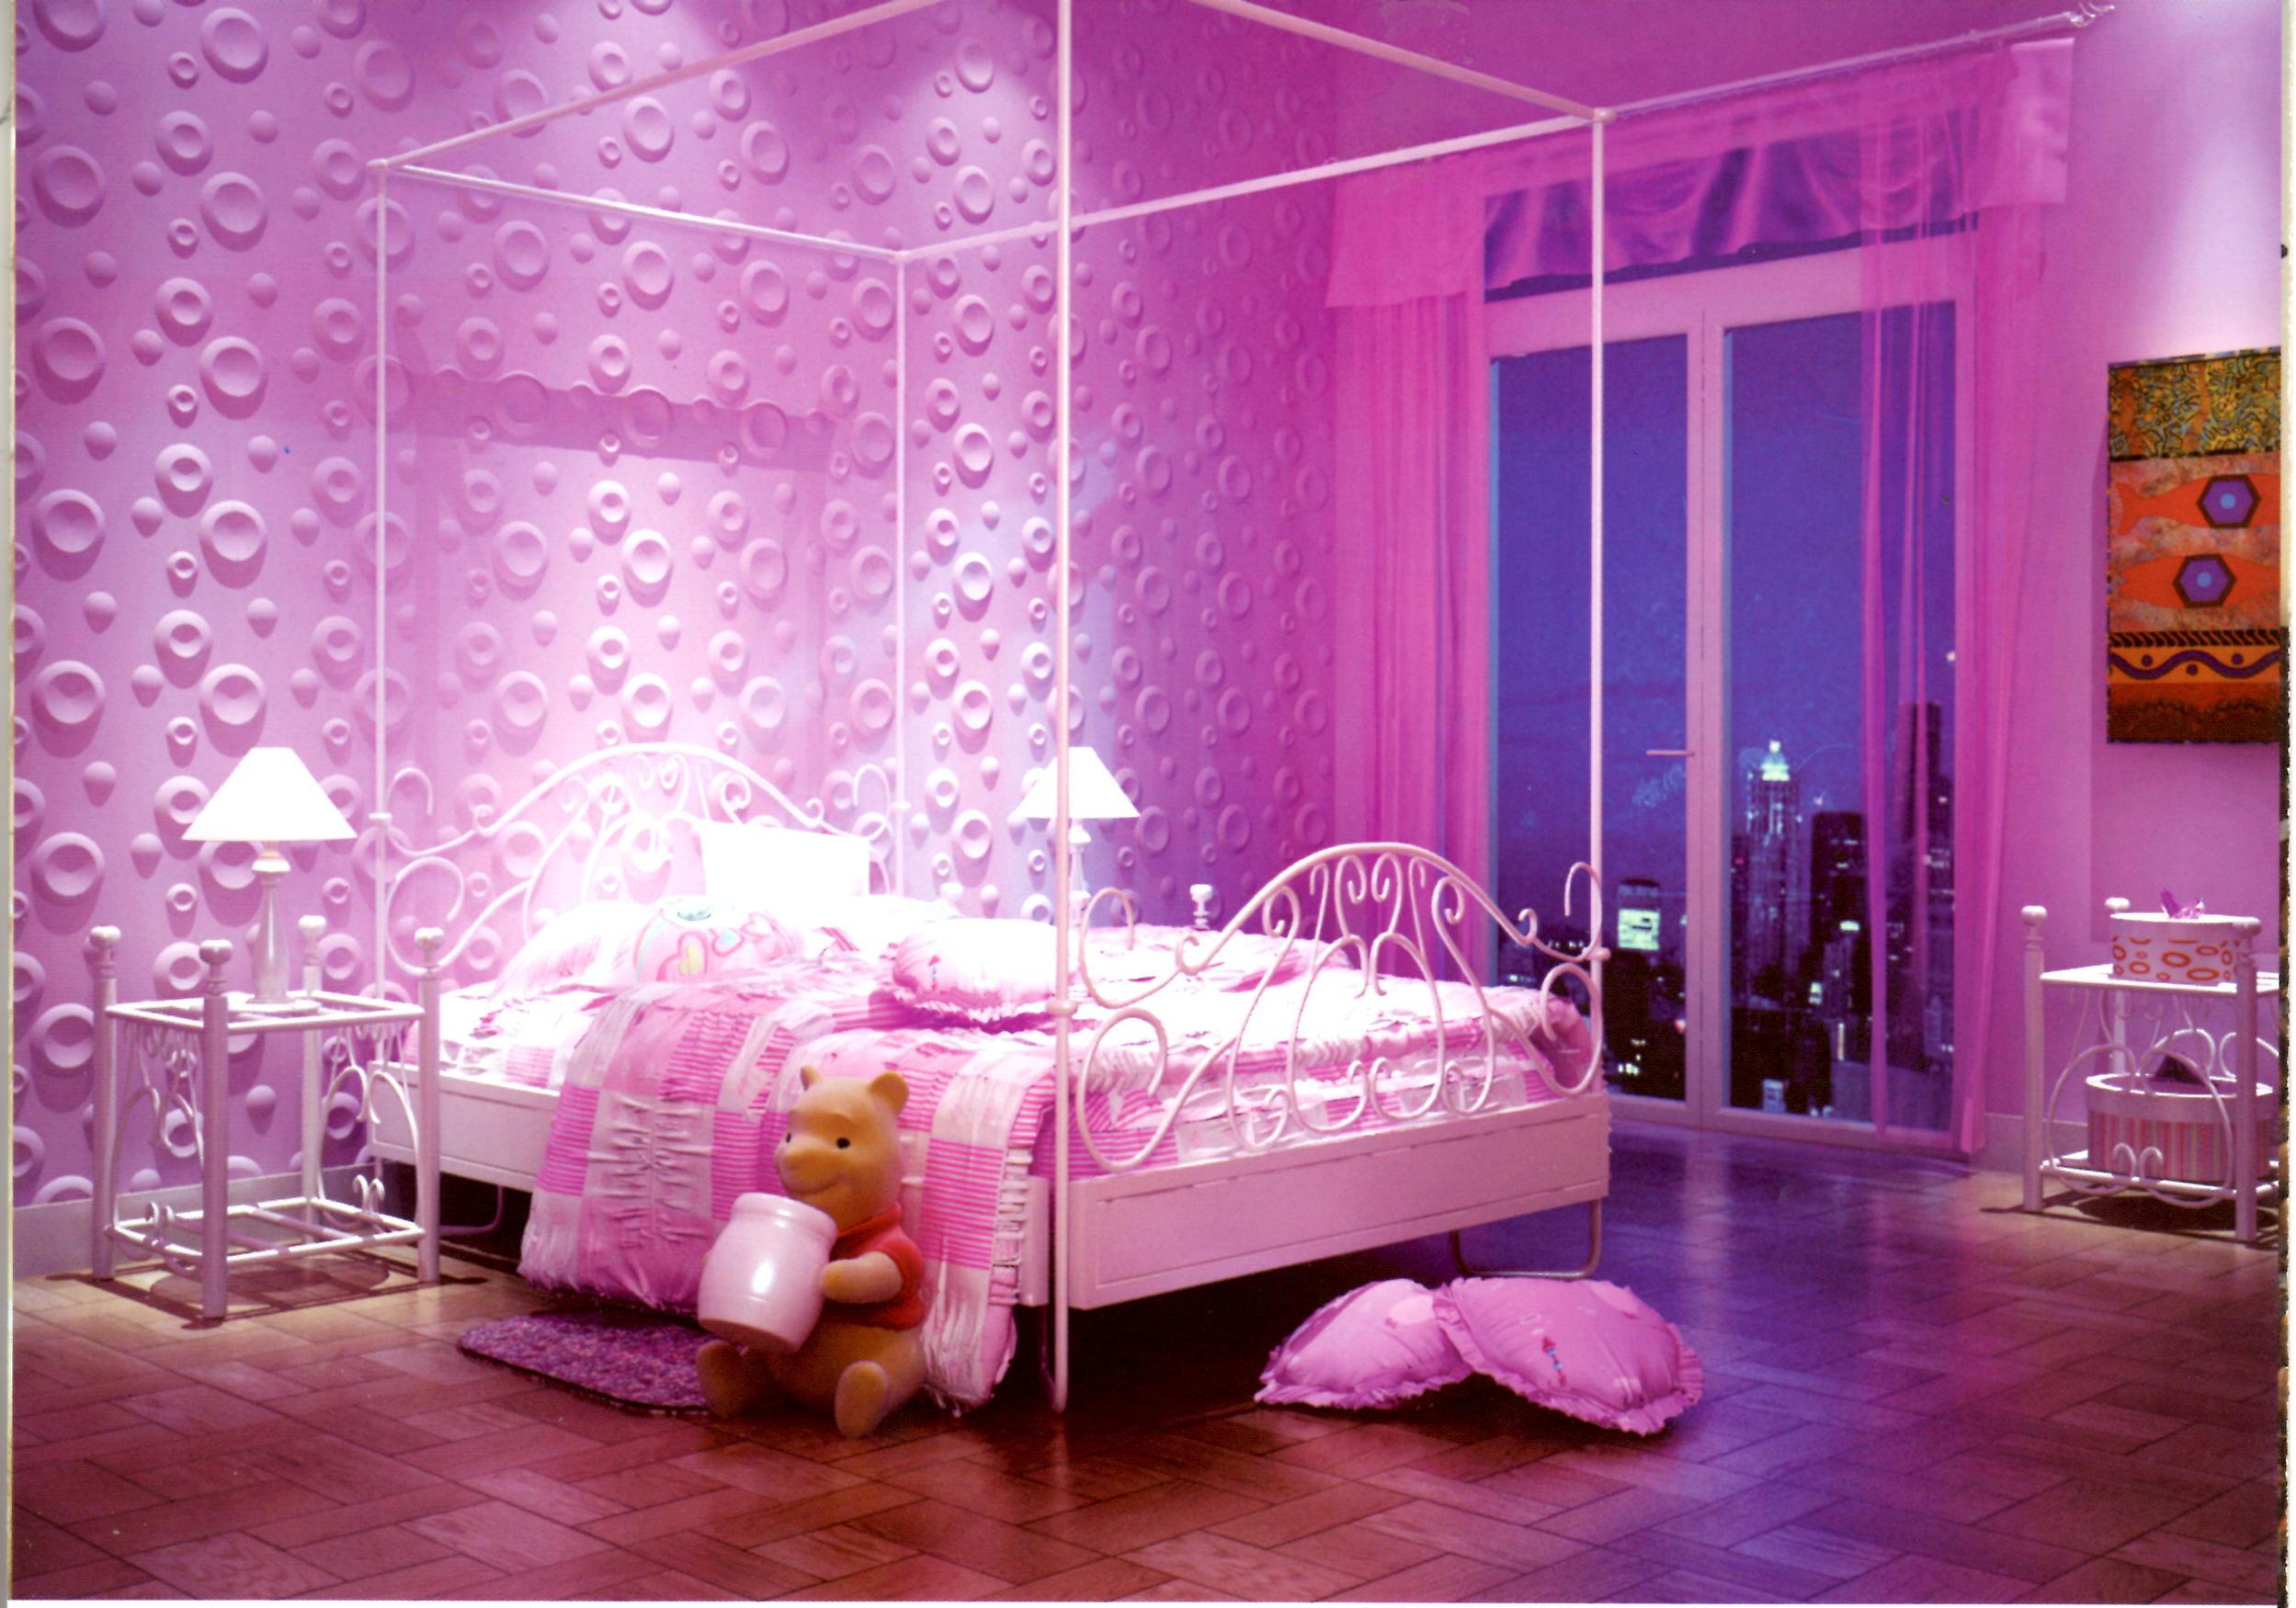 Pink Bedroom Wallpaper Pink Girly Bedroom Wallpaper Hayden Panettiere 2498x1750